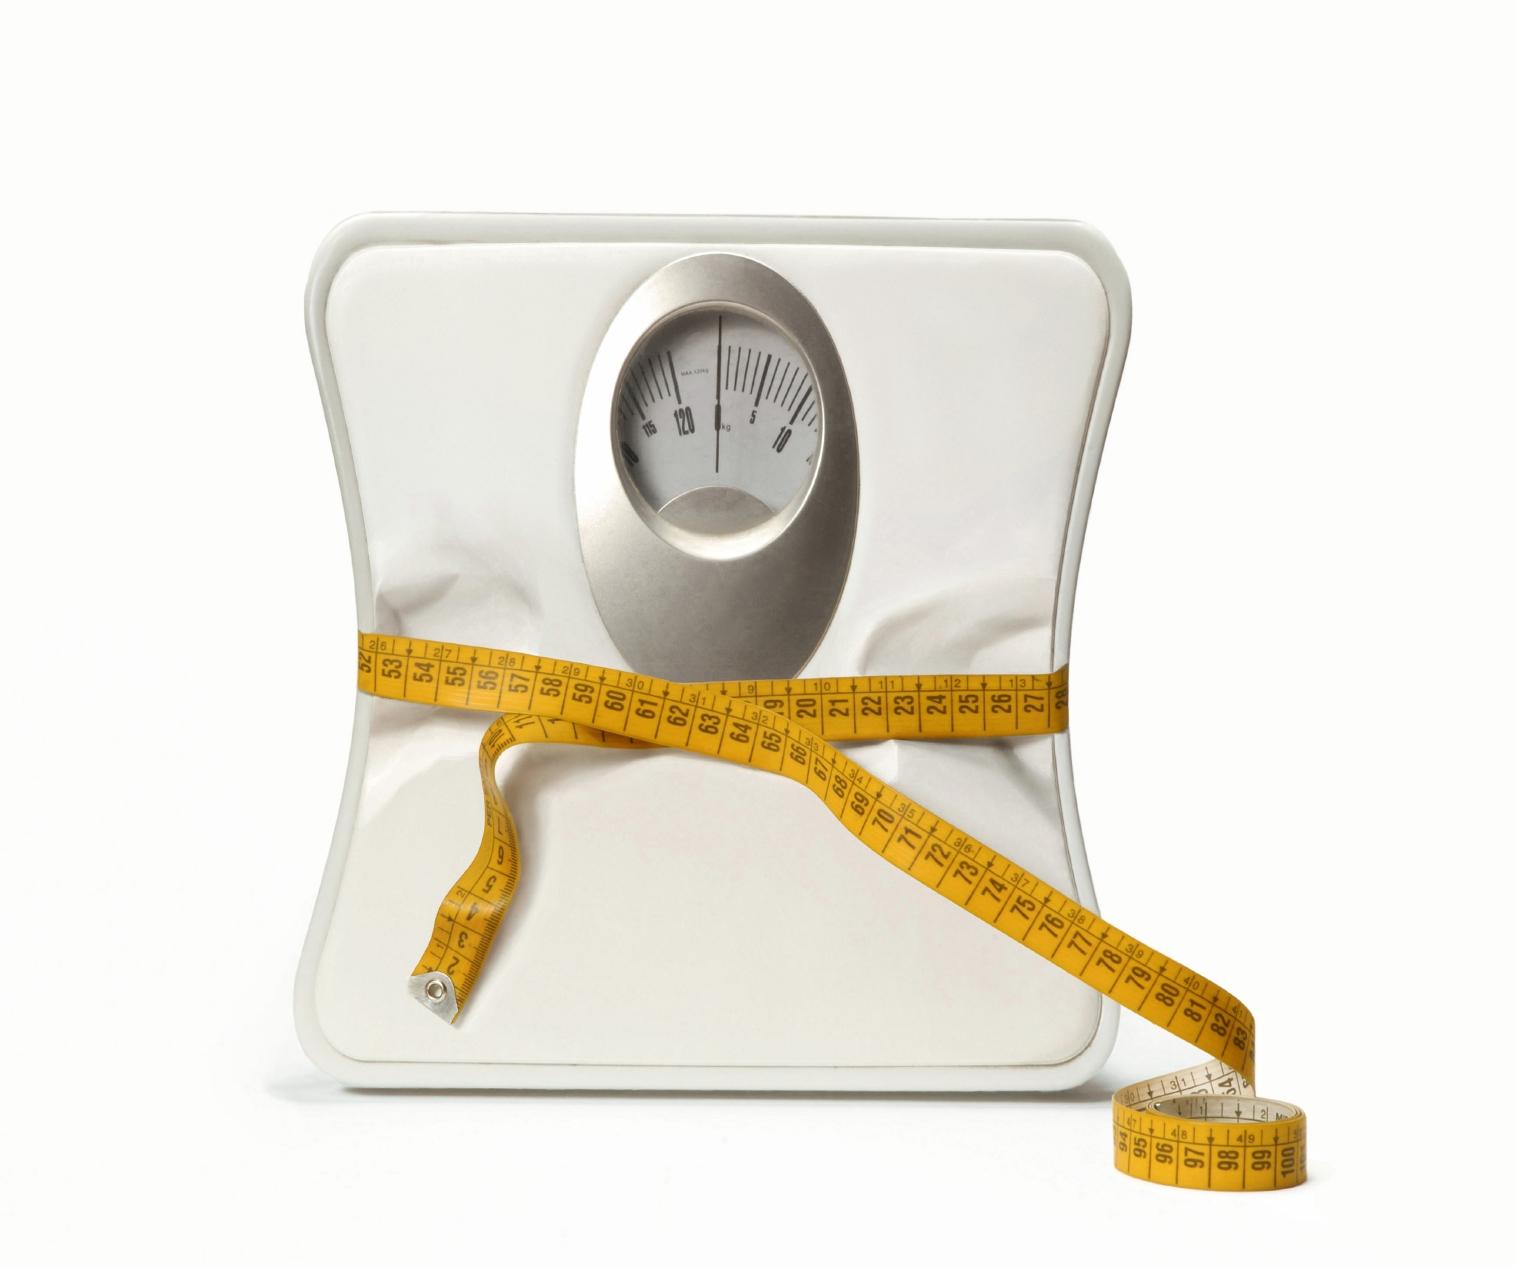 Tambin: Cmo cuantas horas hay que correr para perder peso pesas tanto para